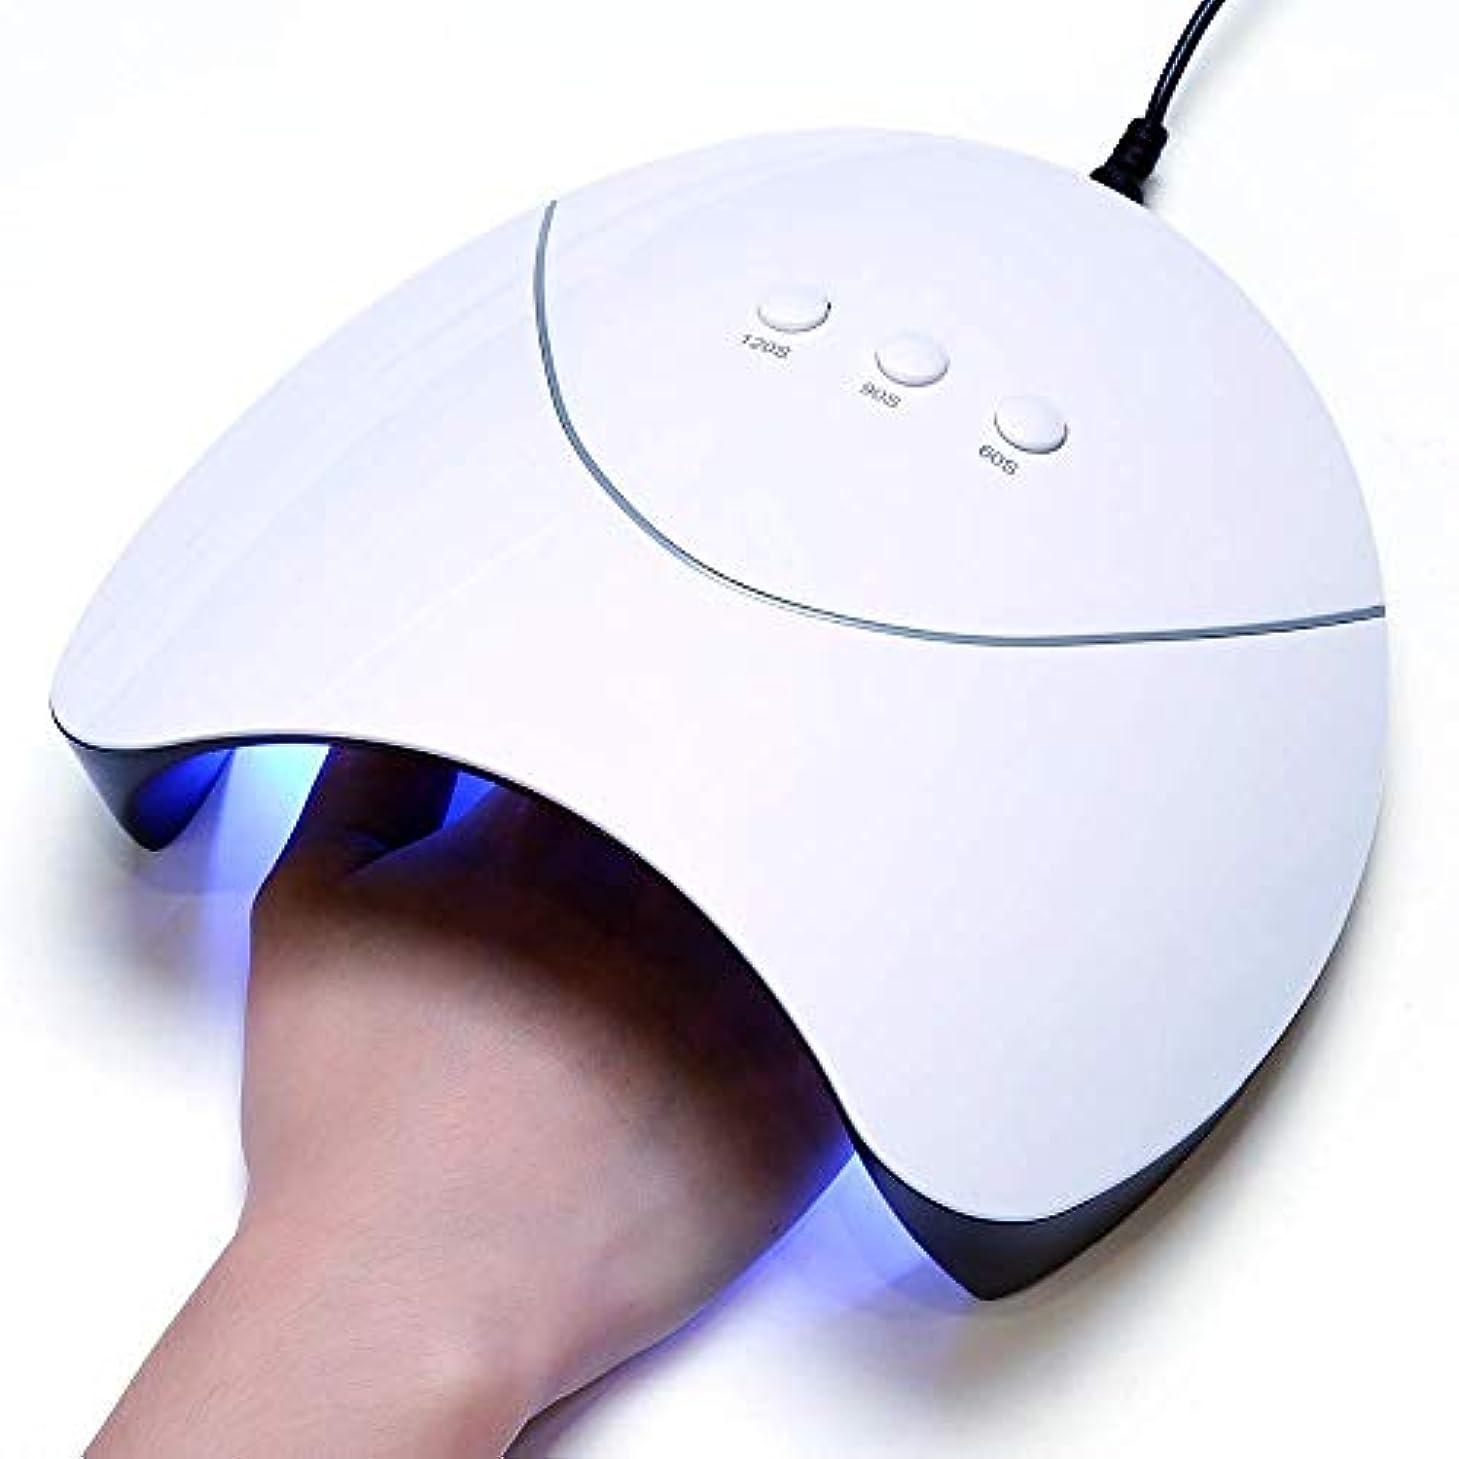 環境に優しい飛ぶ地区LEDネイルドライヤー UVライト 硬化ライト ジェルネイル USB式 タイマー設定可能 手足とも使える 赤外線人感センサー レジン用 36W